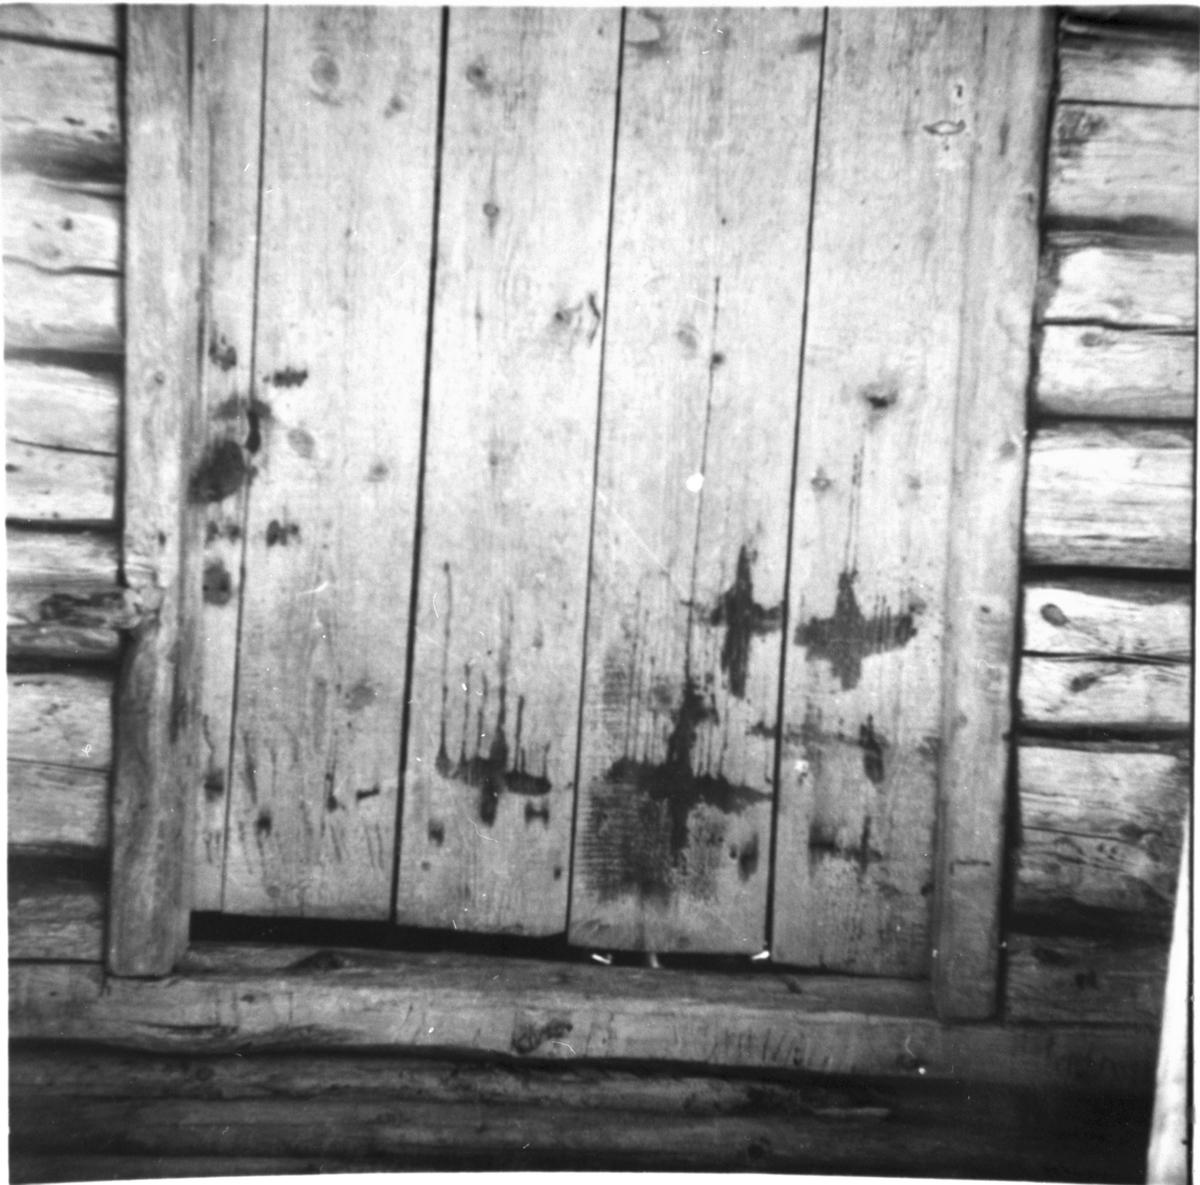 Stenserudskaserna i Stenserud. Bod-dörr påmålade.  Håbol